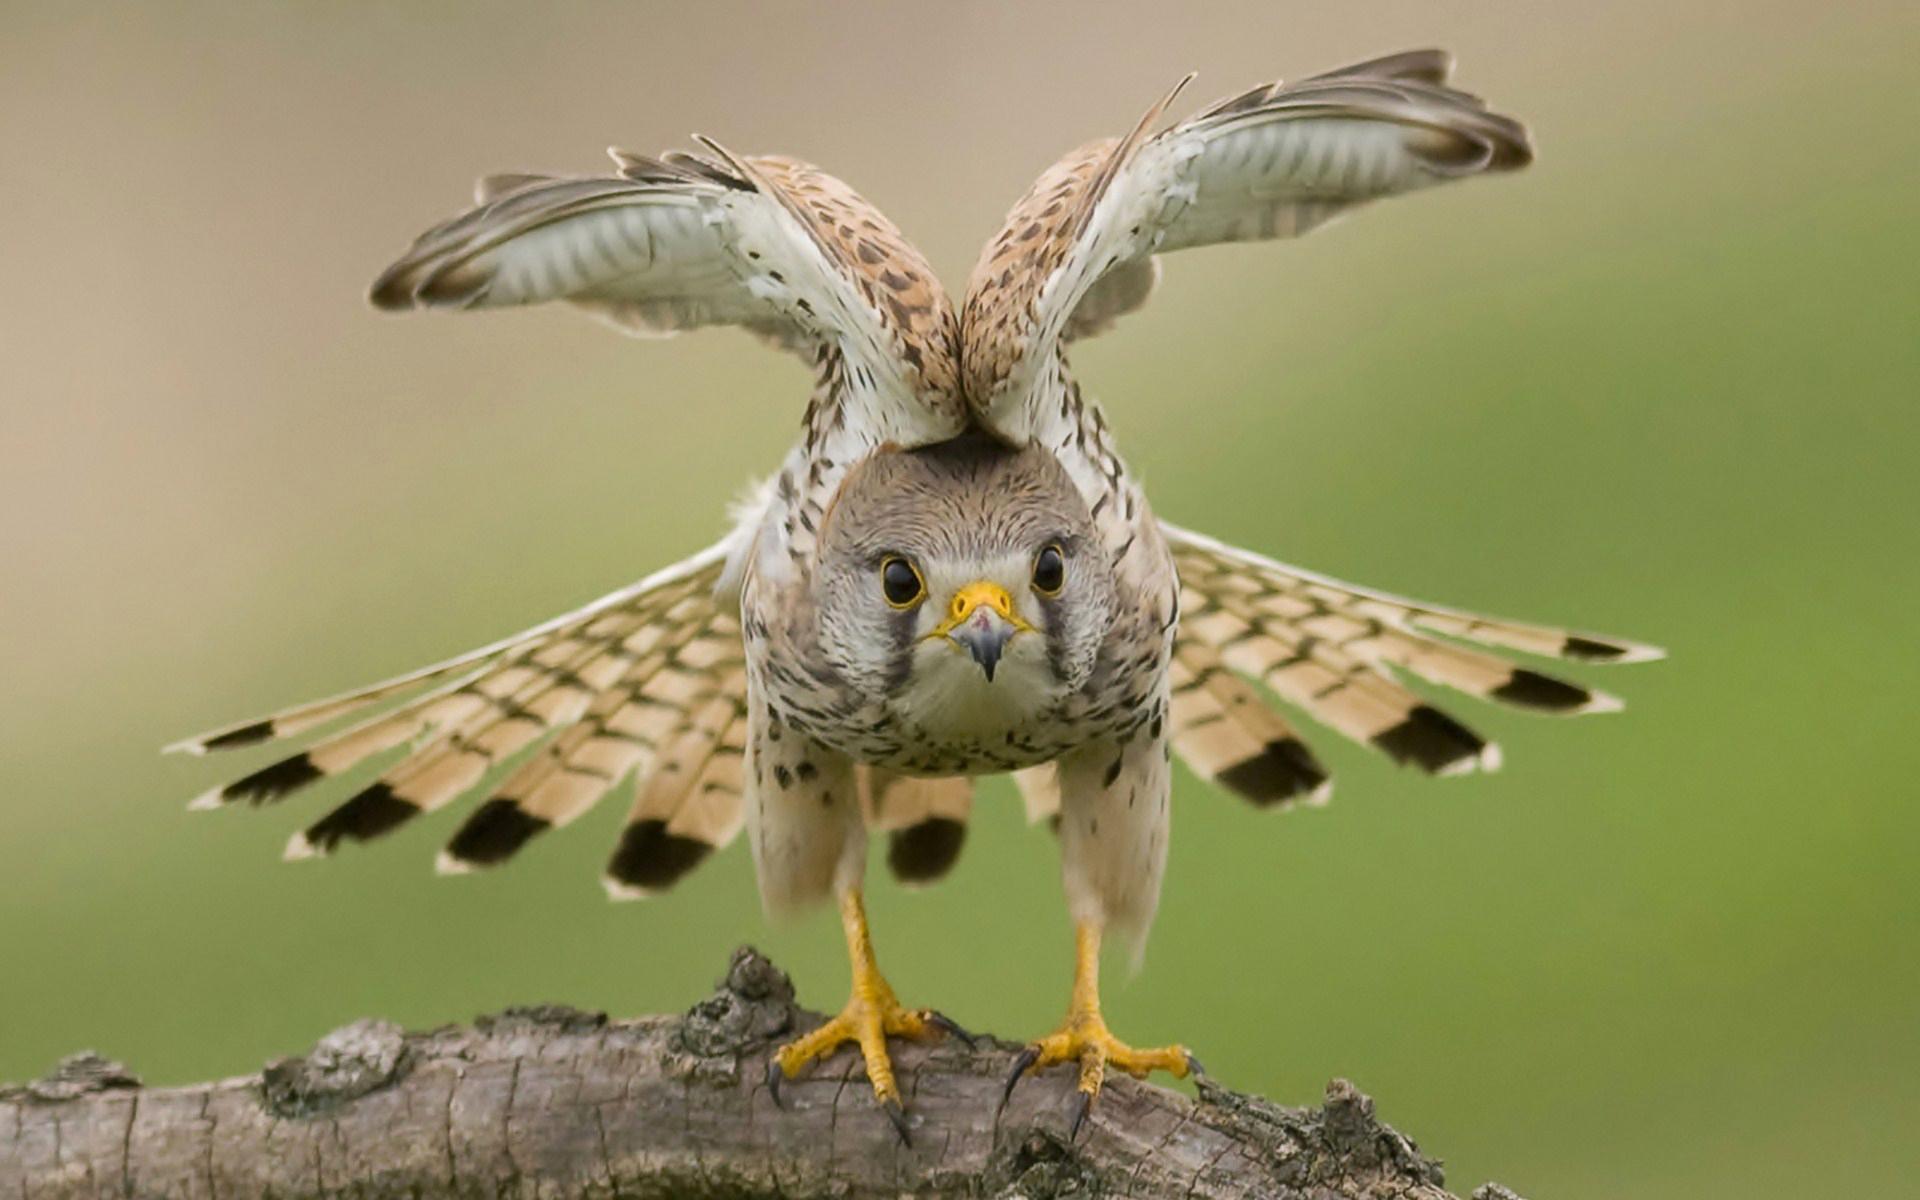 природа животные птица сокол nature animals bird Falcon скачать